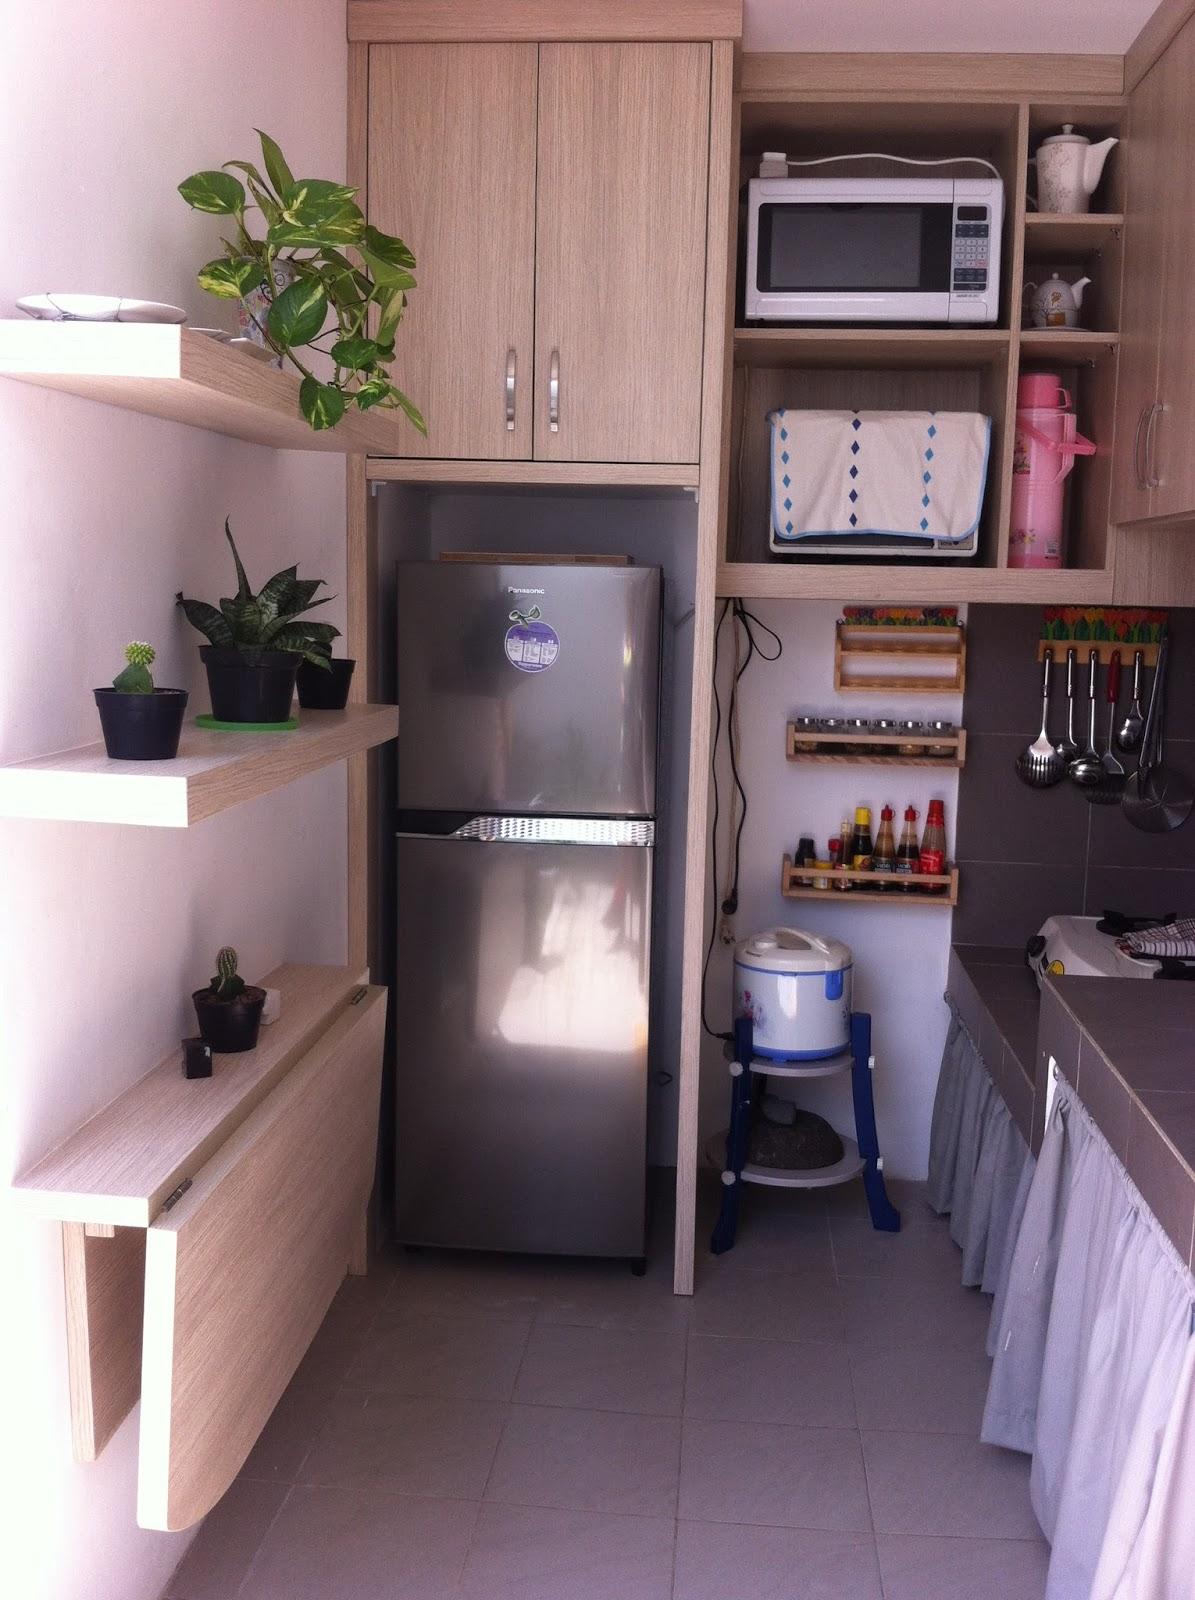 Oputcakra: Membuat dan Mendesain Kitchen Set ala IKEA on kitchen set mewah, kitchen set kecil, kitchen set jual, kitchen set sederhana,